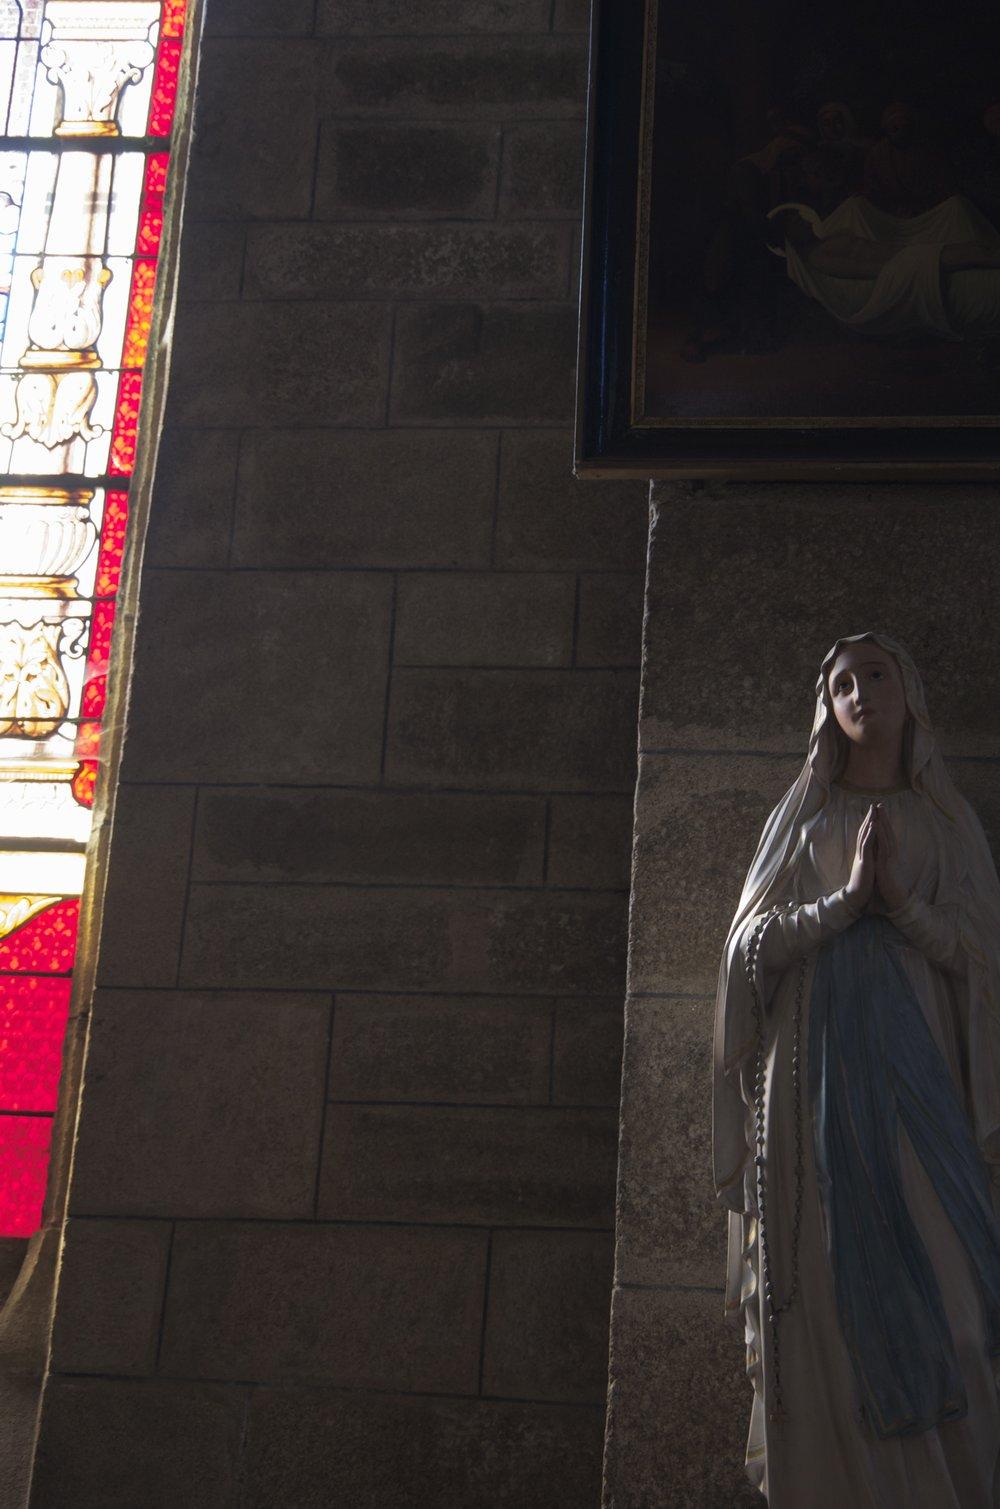 Vierge près de la fenêtre, église St-Mathurin, Moncontour